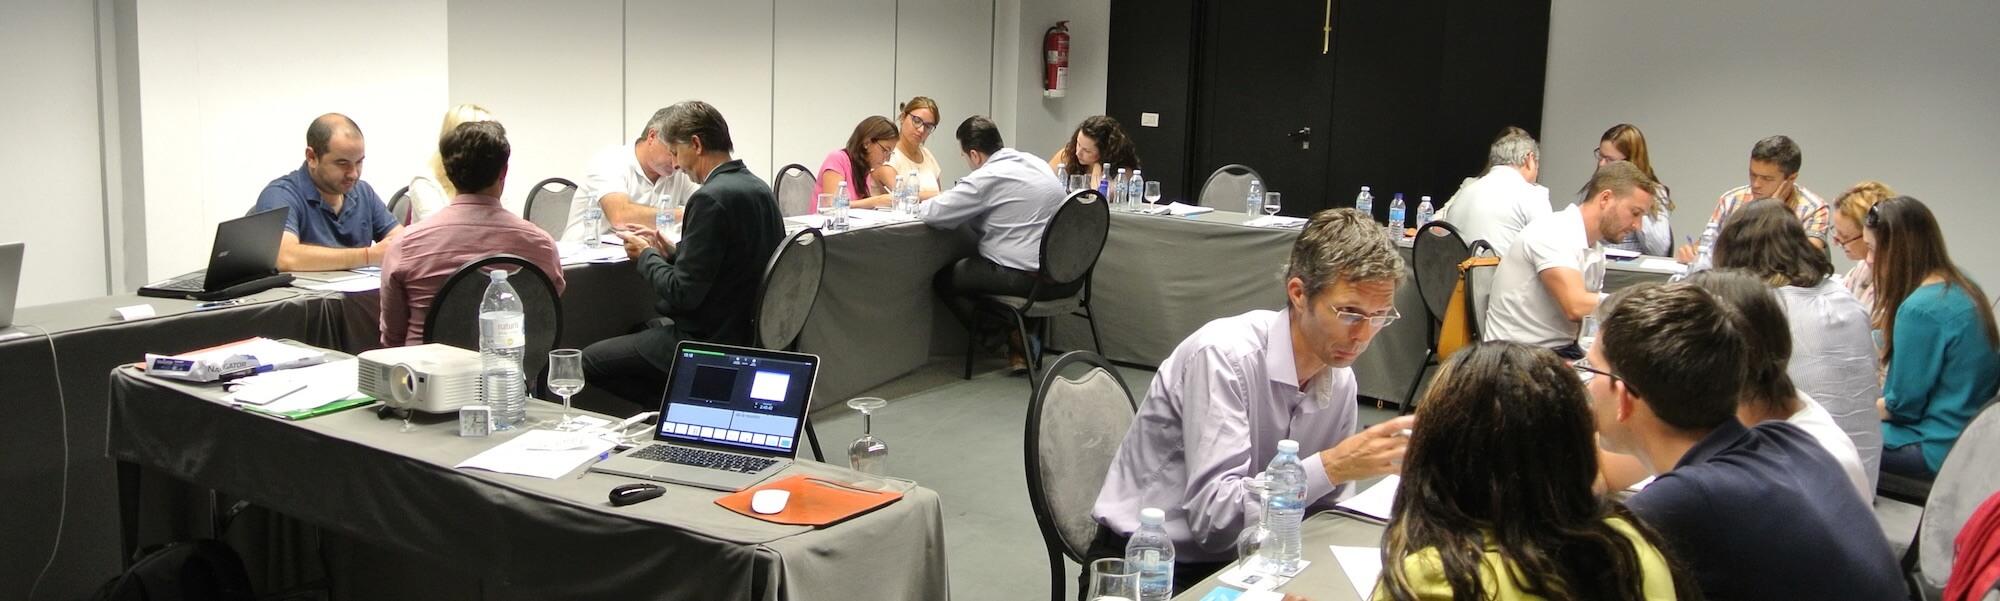 asistentes al curso de Revenue Management trabajndo en equipo